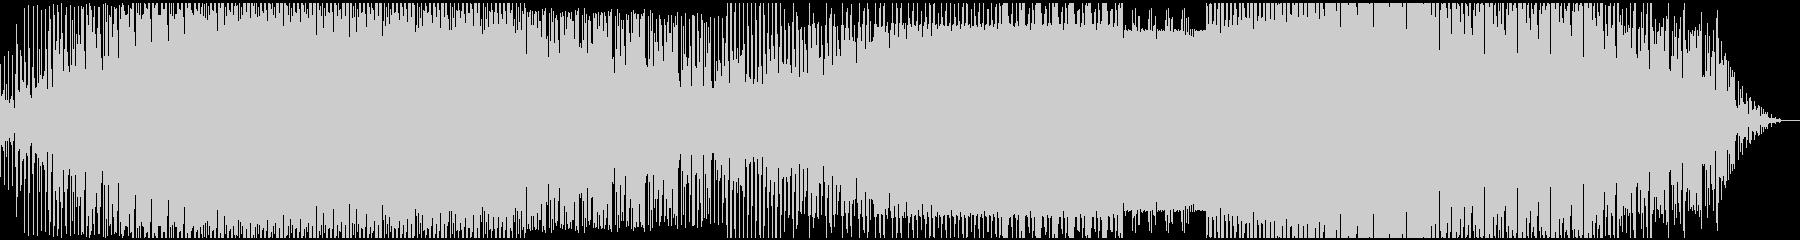 低音ベースが特徴的なアンビエントテクノの未再生の波形